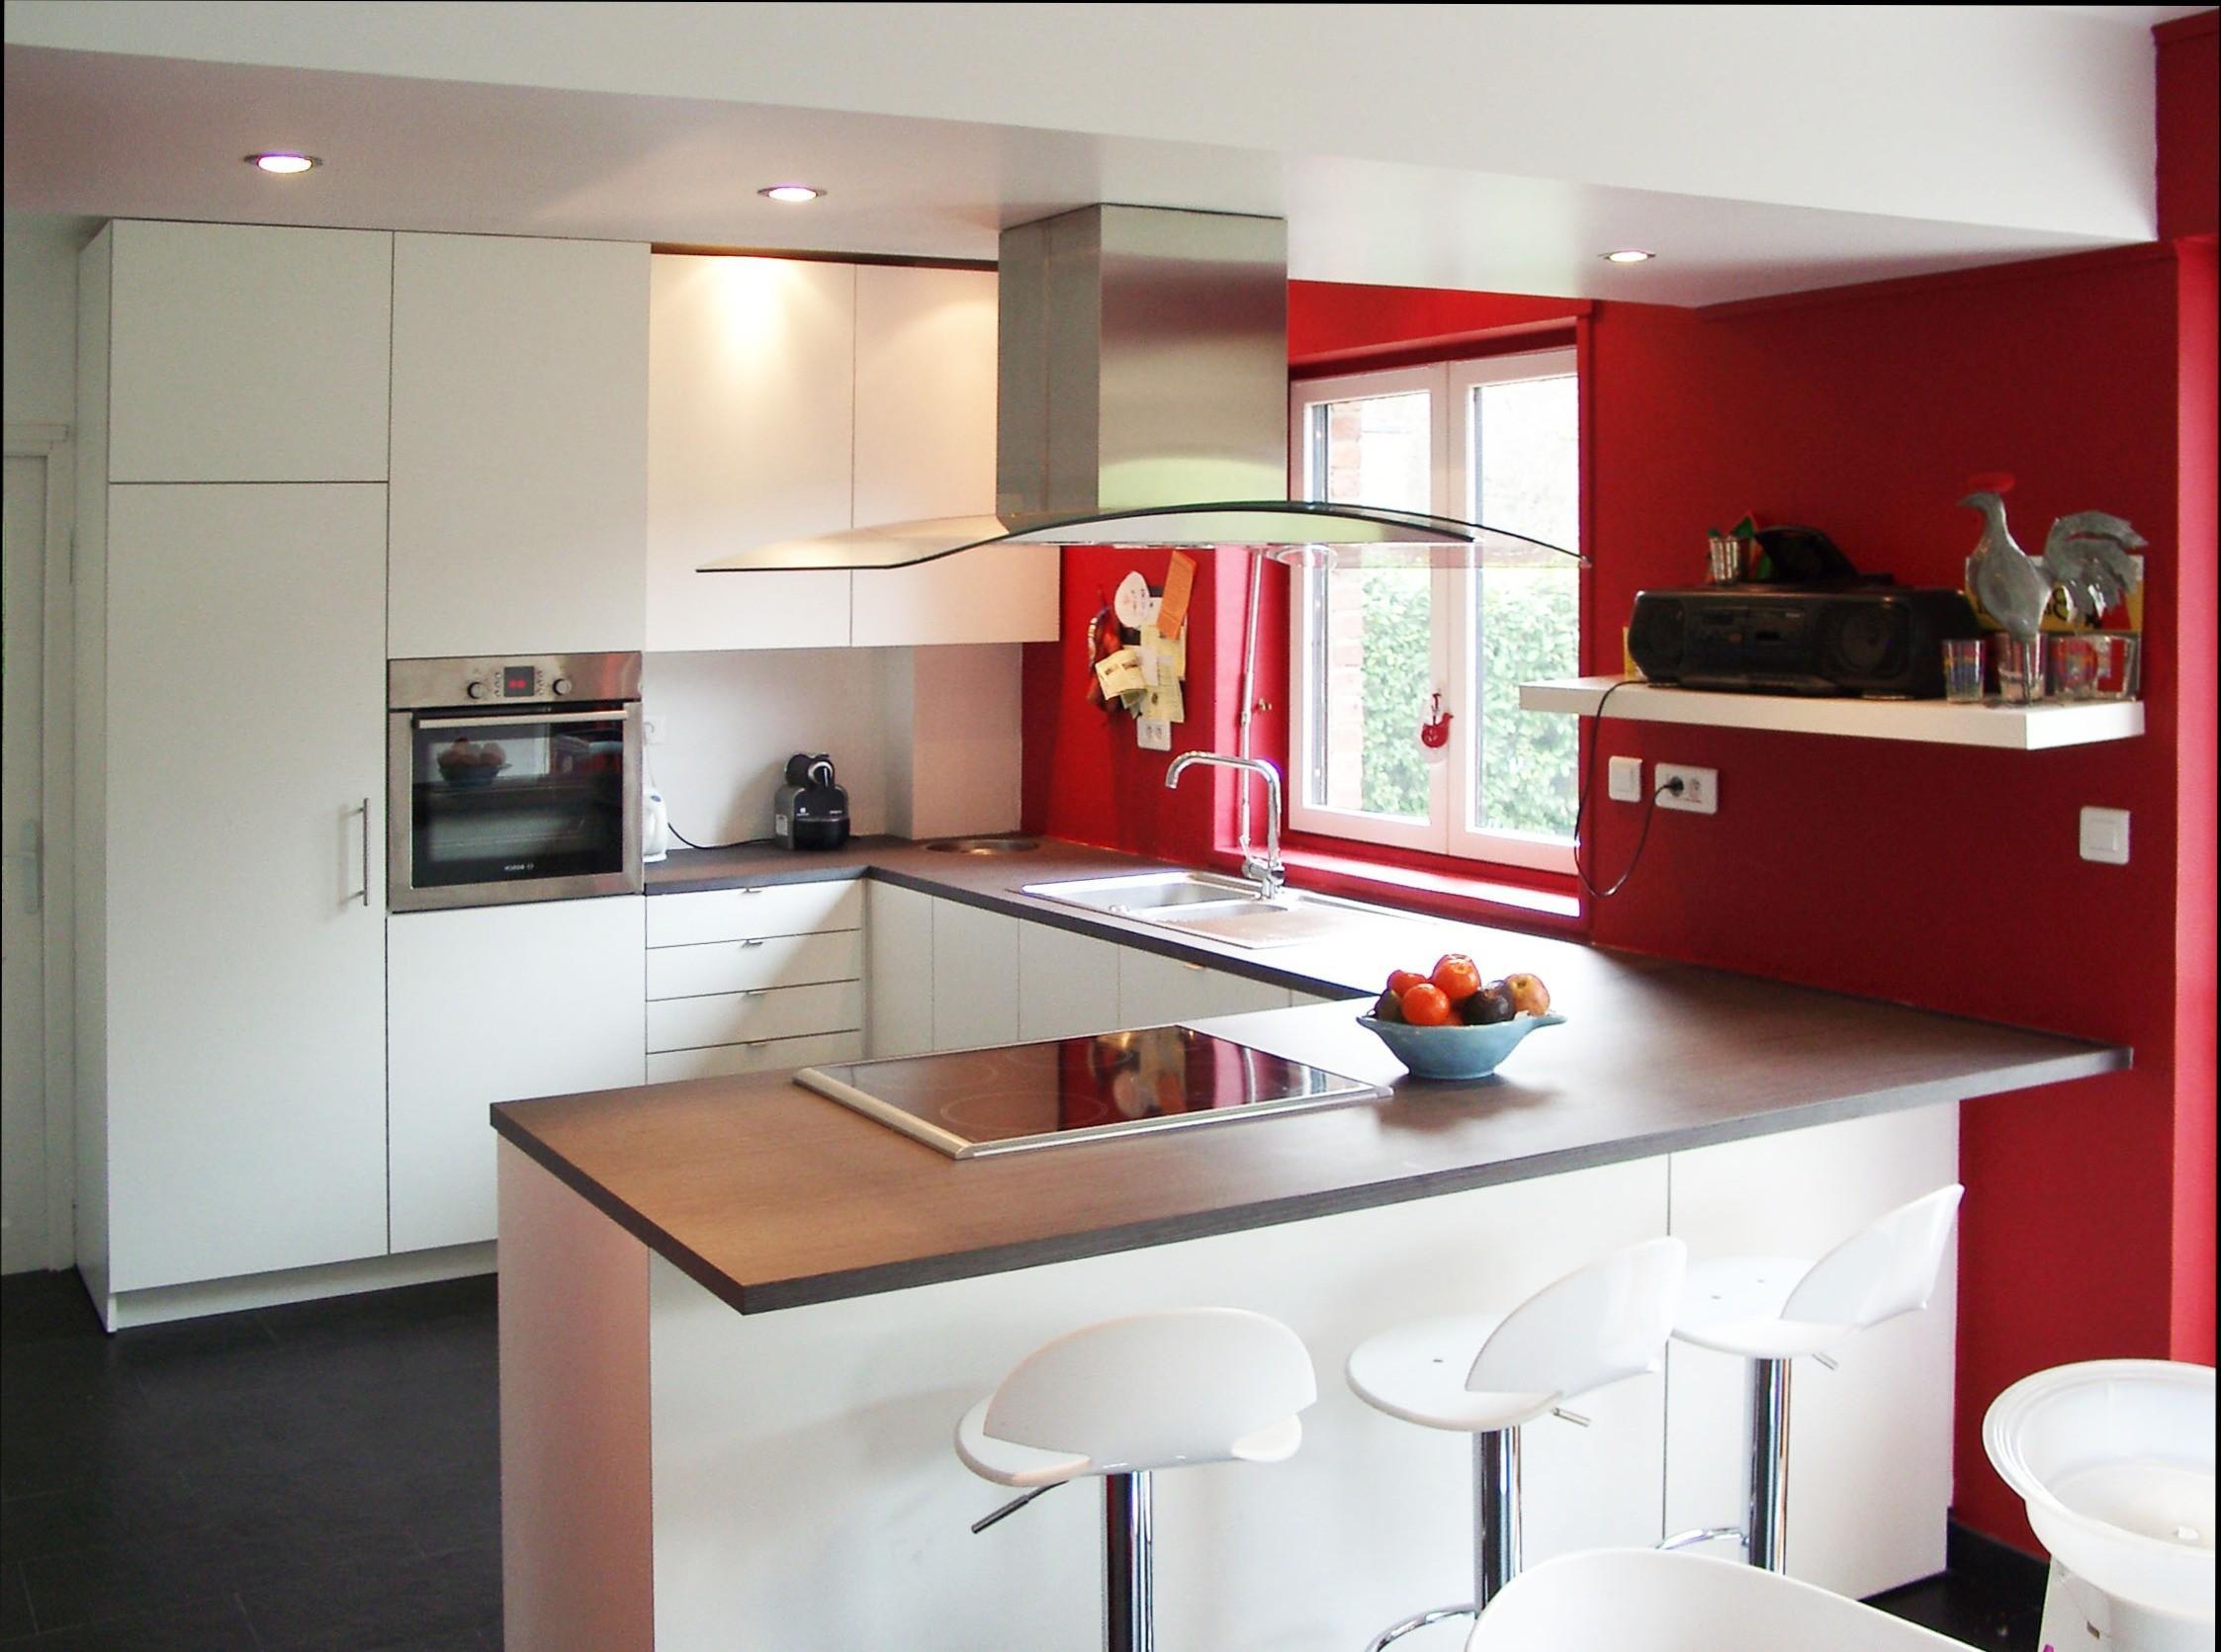 Дизайн кухни с барной стойкой красный